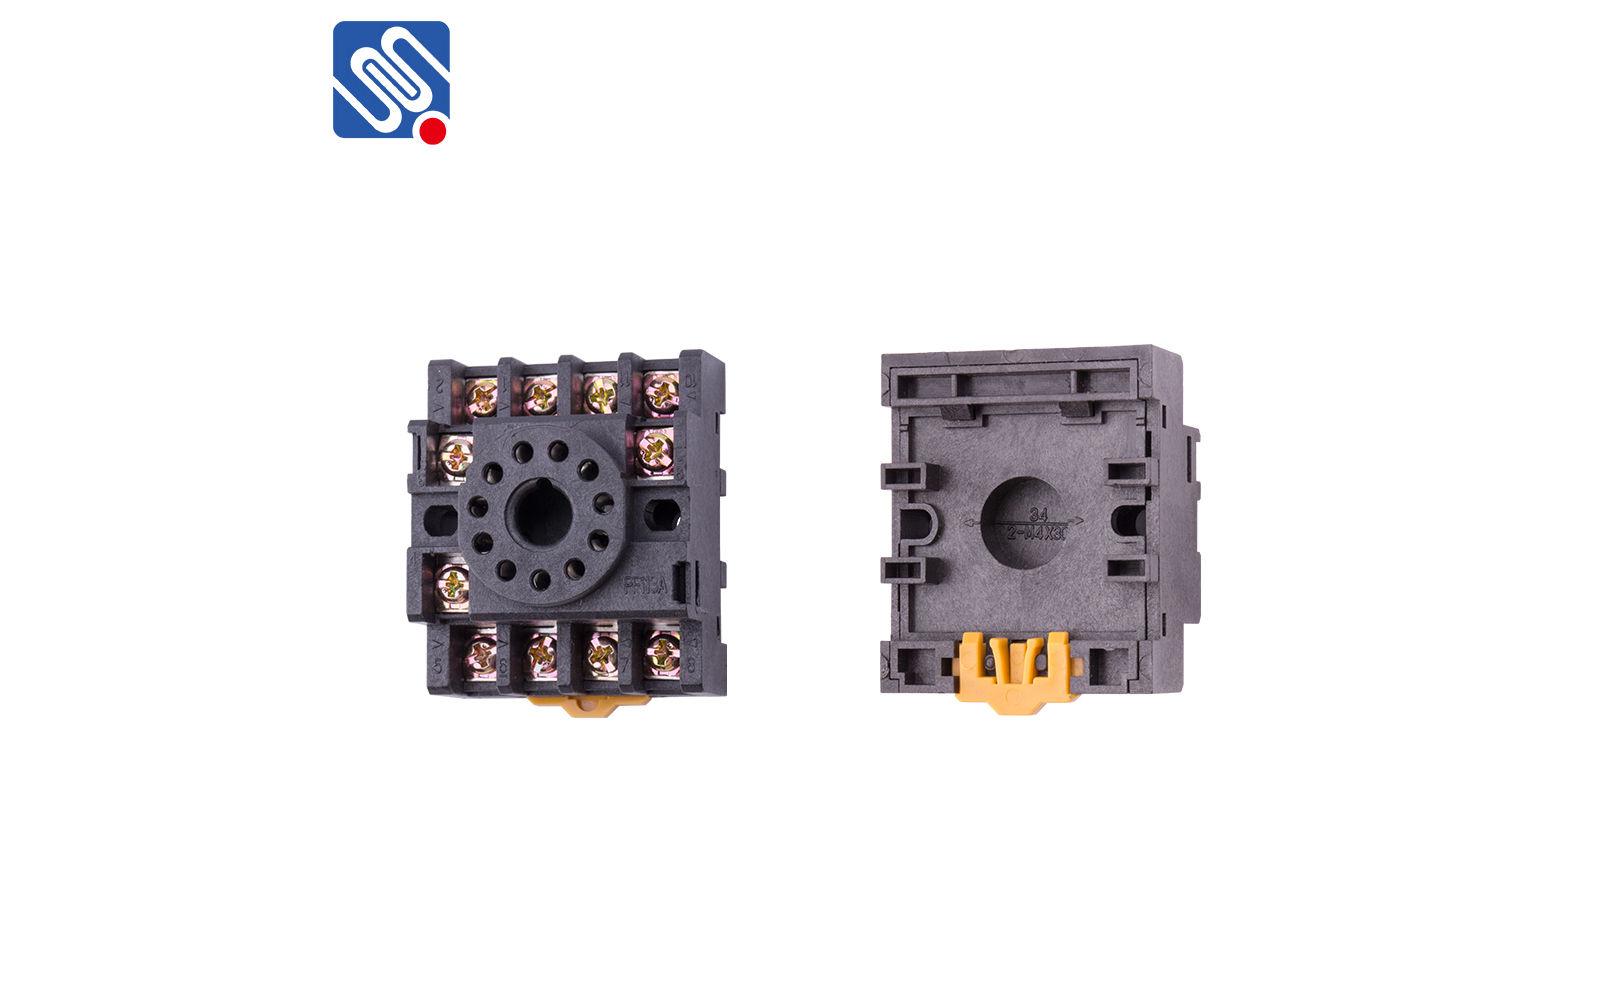 11 Pin Relay Socket Uff08pf113a   Zhejiang Meishuo Electric Technology Co  Ltd